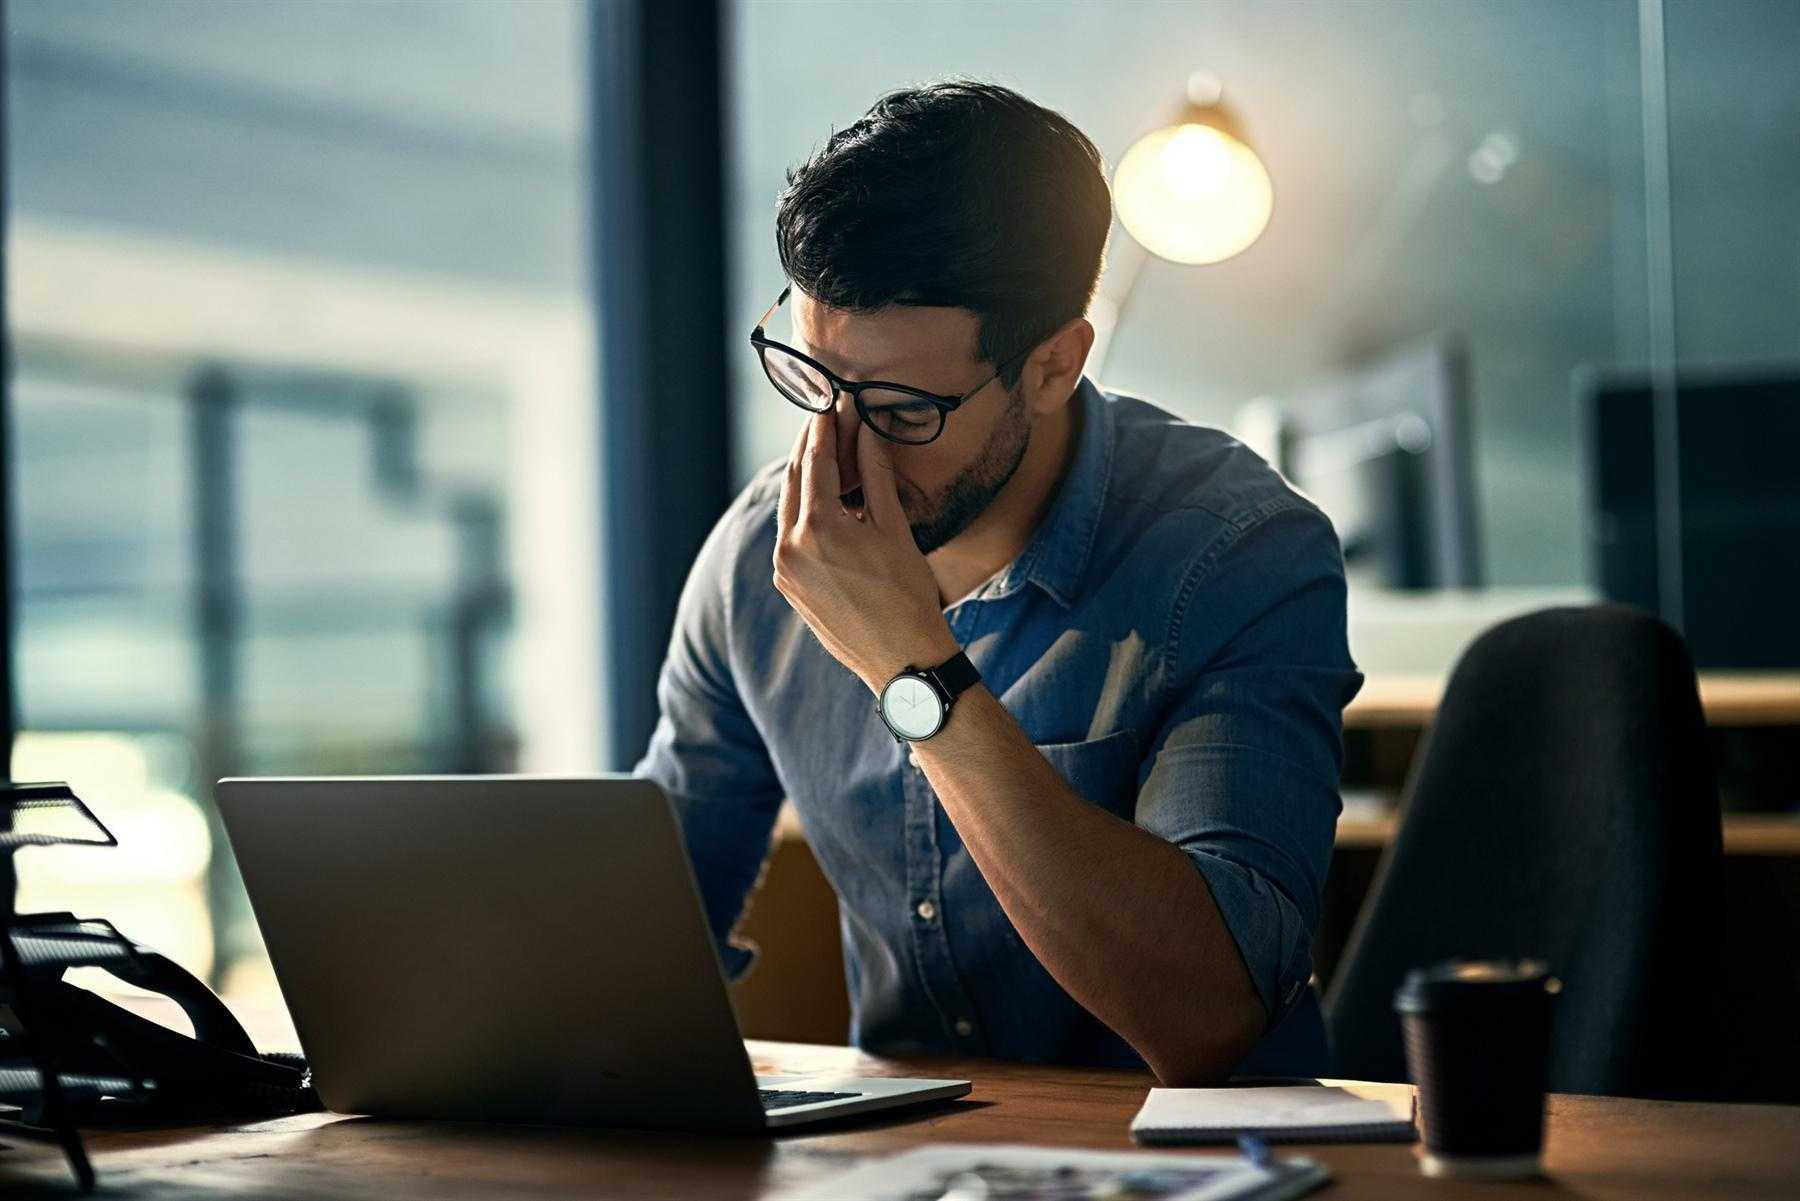 Stresi Azaltmak İçin Yapılması Gereken 10 Şey